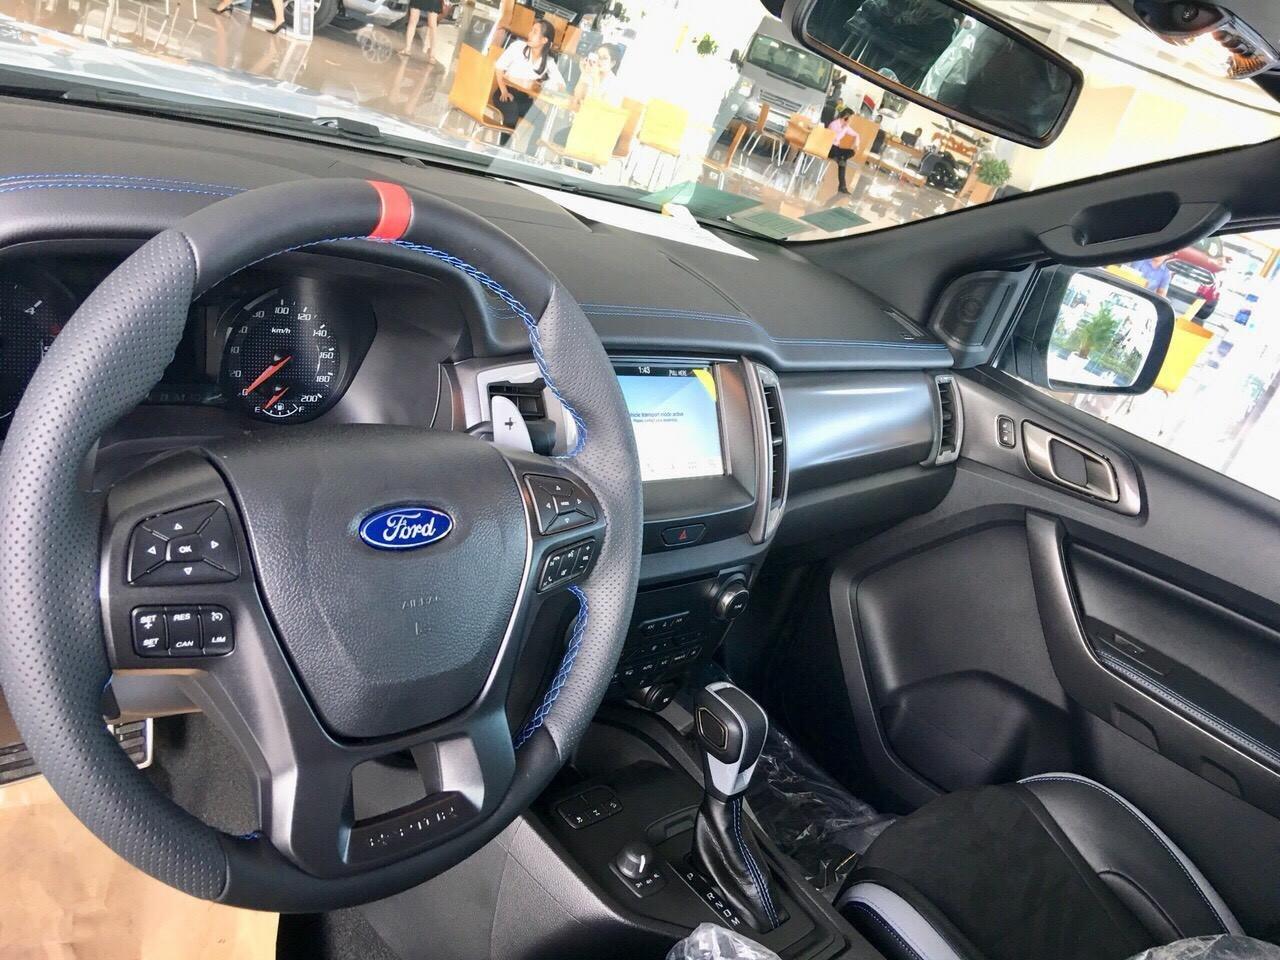 Bán xe Ford Ranger Wildtrak 2.0 Biturbo giá tốt, giao ngay tặng full phụ kiện, gọi ngay 0978 018 806 (4)